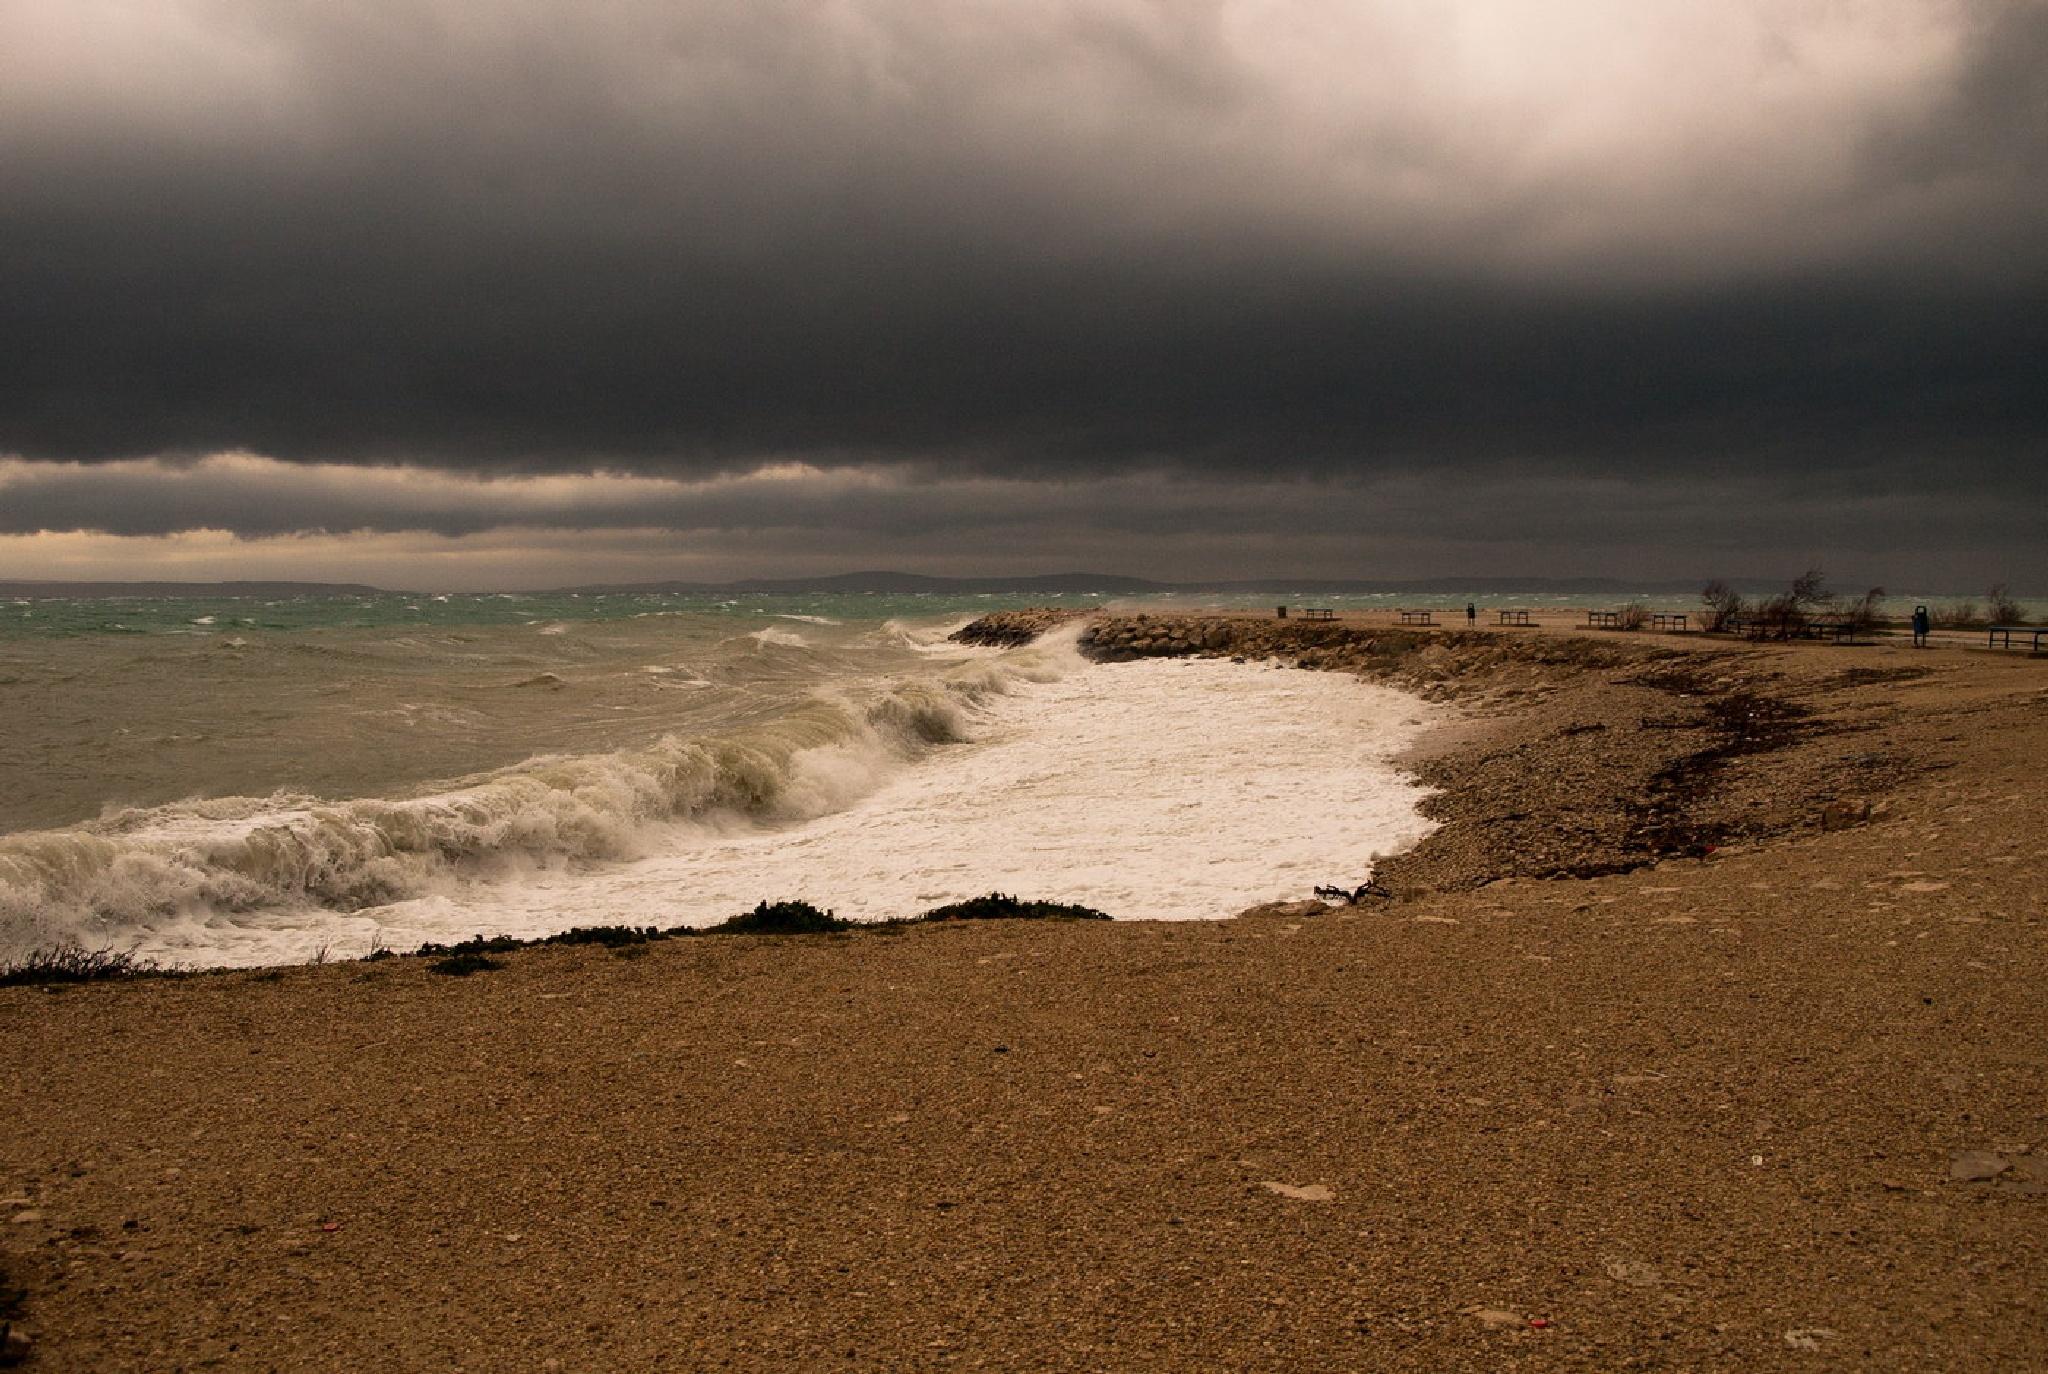 Stormy weather by Drago Sajc-Budija